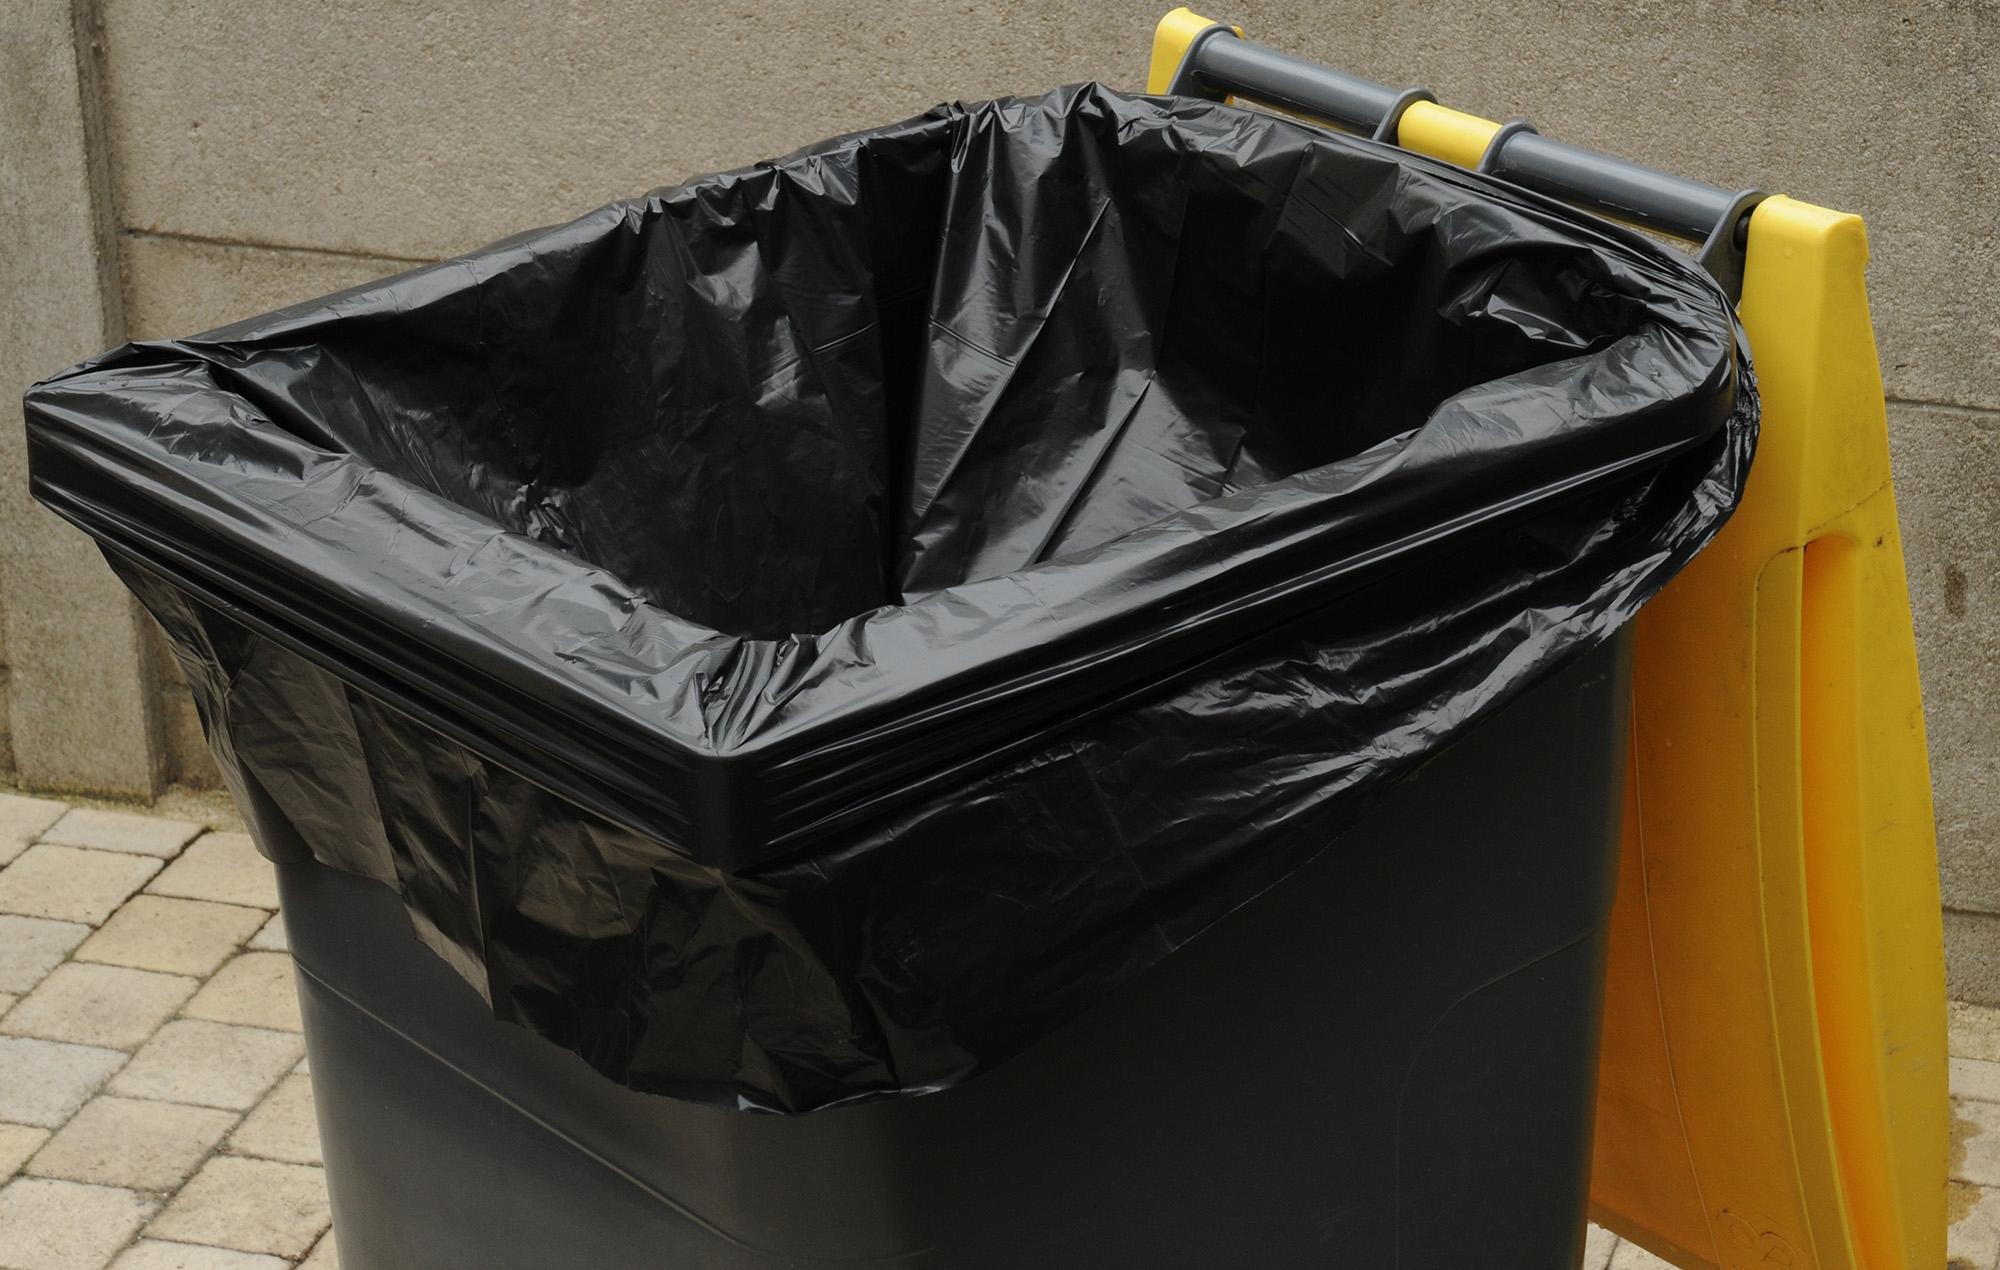 sac poubelle housse conteneur 240 l. Black Bedroom Furniture Sets. Home Design Ideas